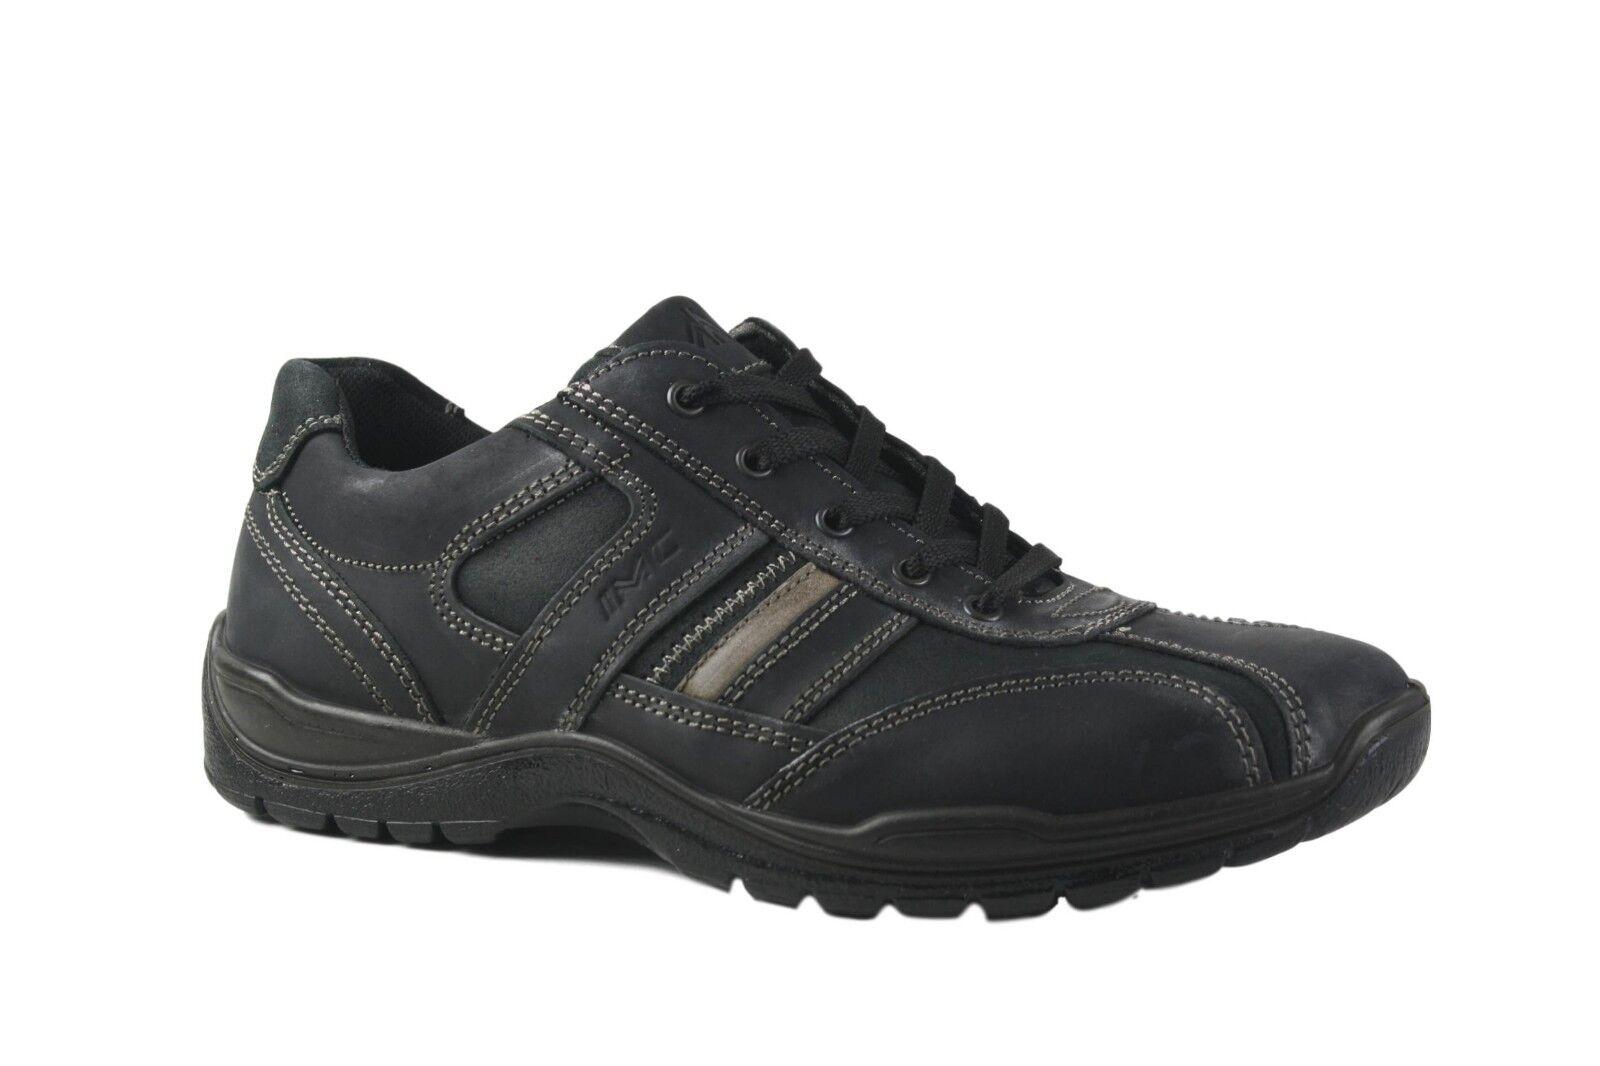 Imac Italia Negro Cuero Con Cordones Comodidad Zapato. EU40 - 43. hecho en Italia